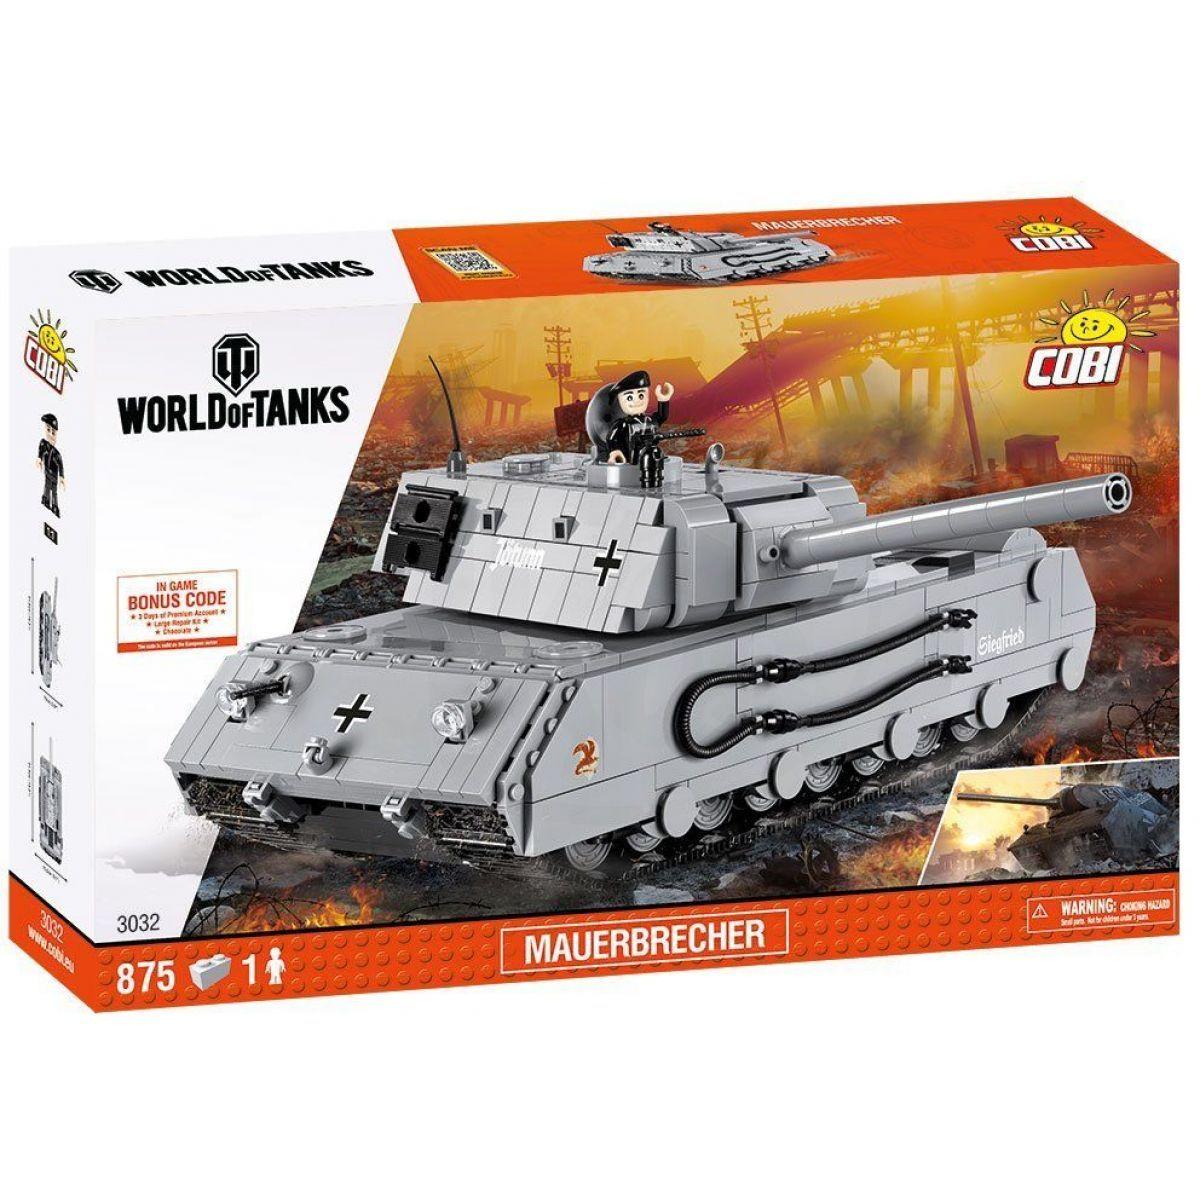 Cobi 3032 World of Tanks Wot Mauerbrecher